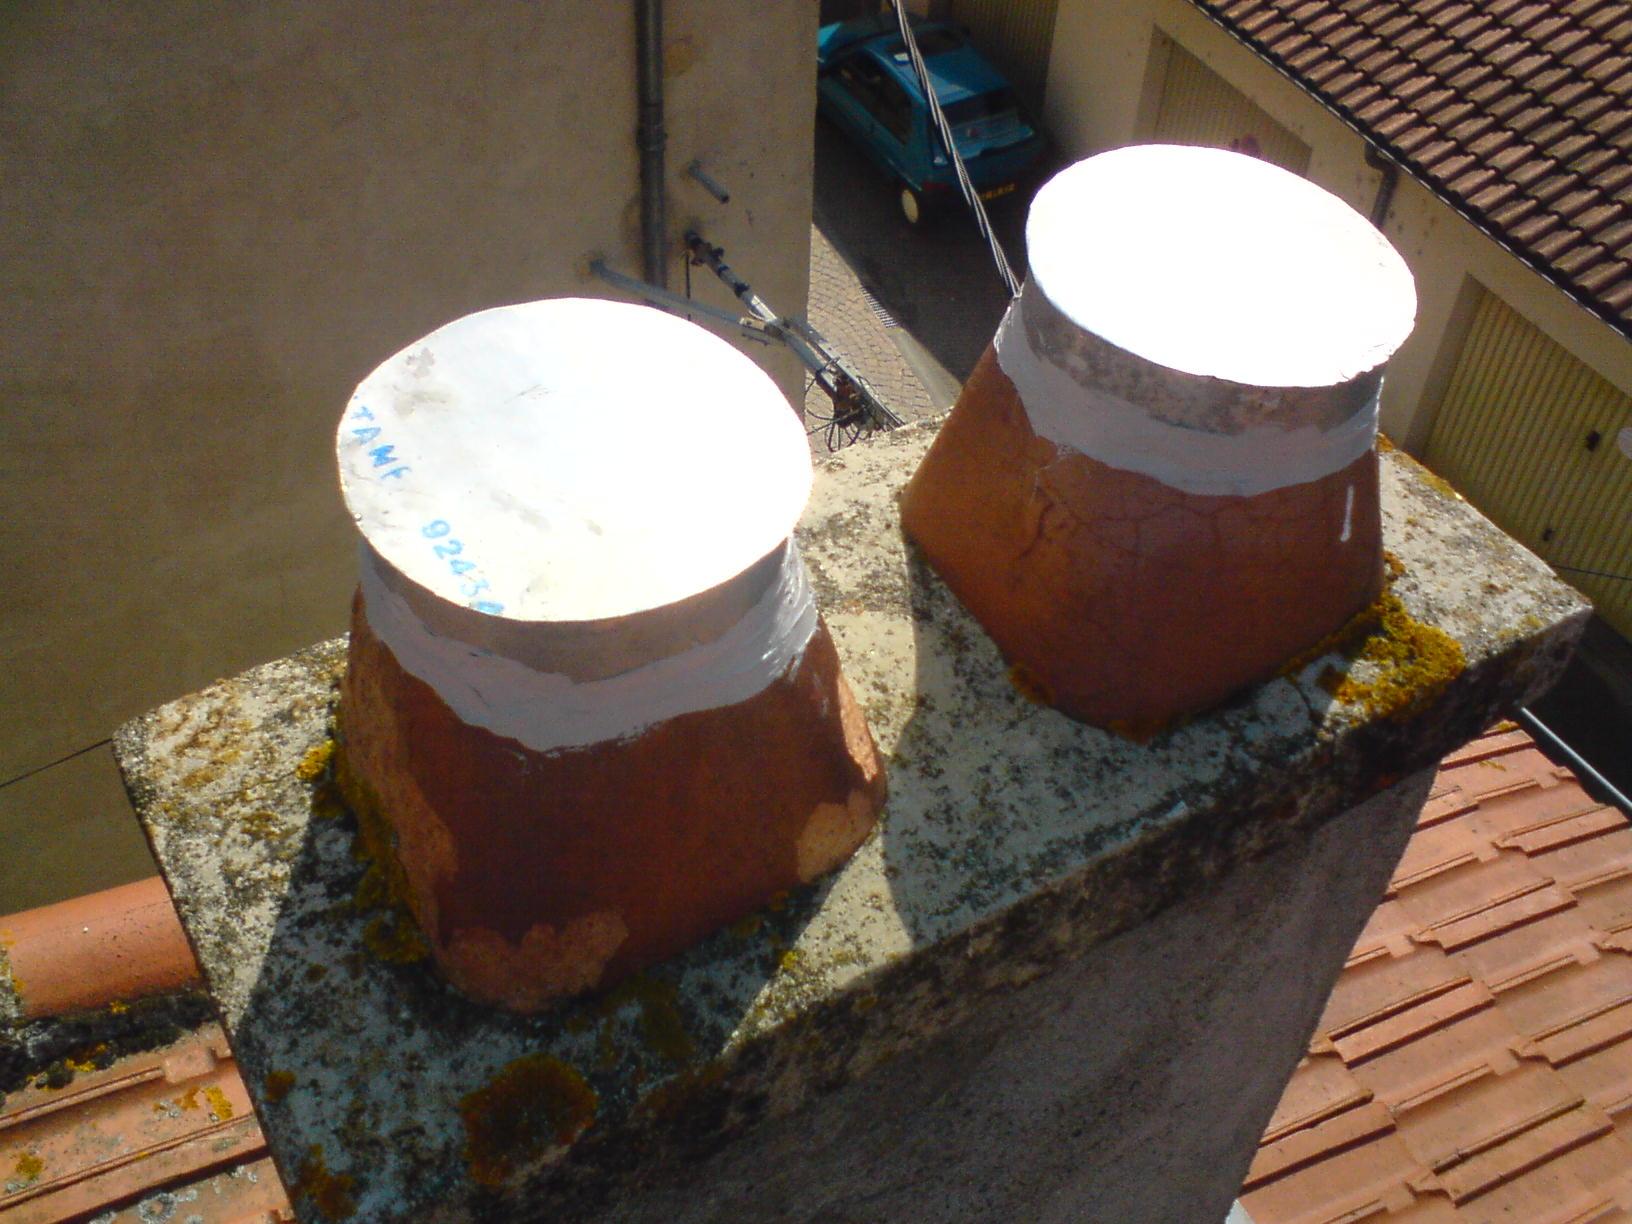 Chapeau de cheminee tdzing - Chapeau pour conduit de cheminee ...